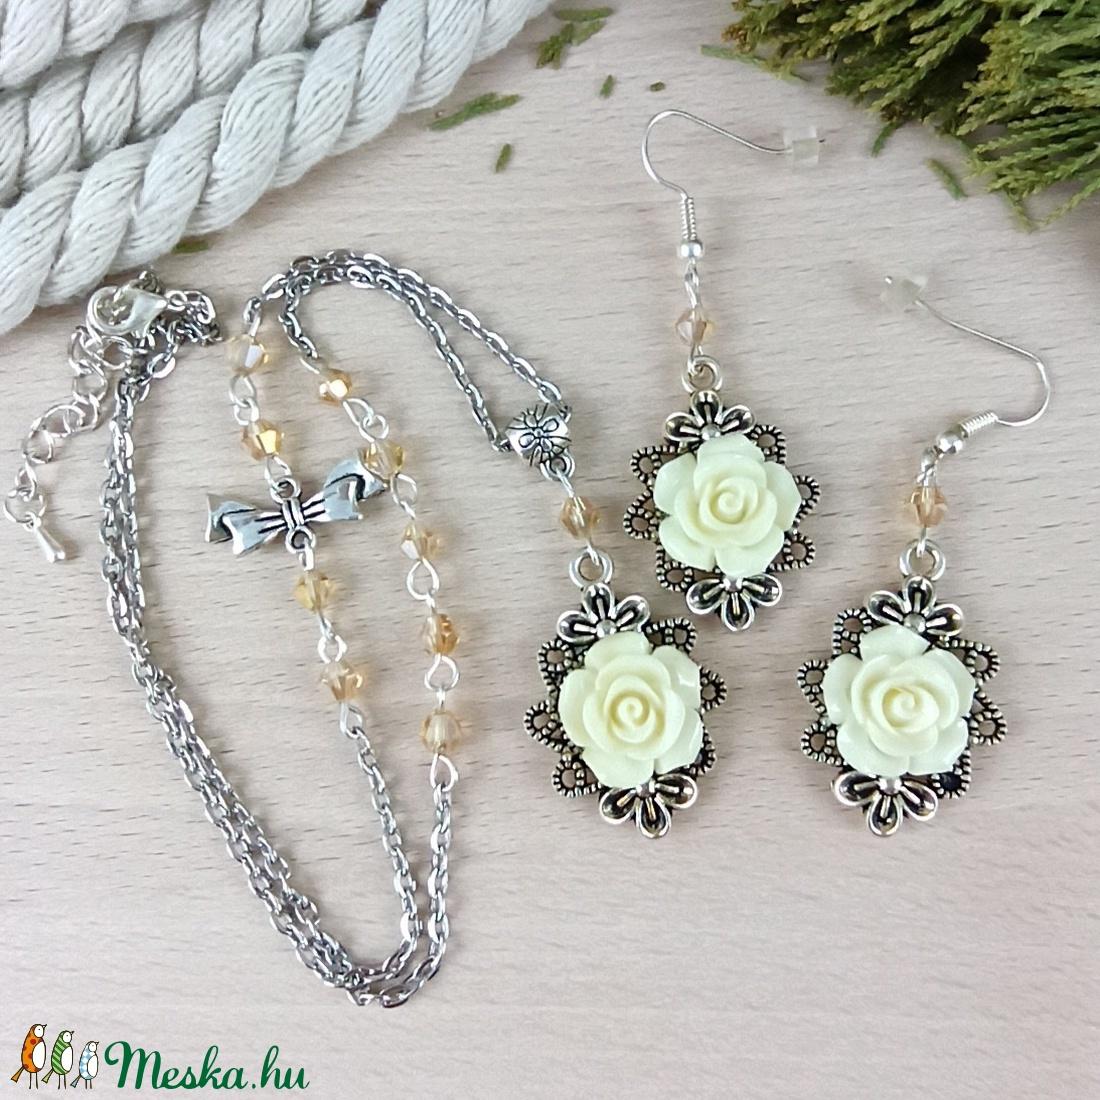 #44 krém rózsás sötét ezüst szett nyaklánc fülbevaló esküvő alkalmi koszorúslány örömanya menyasszony násznagy - ékszer - ékszerszett - Meska.hu